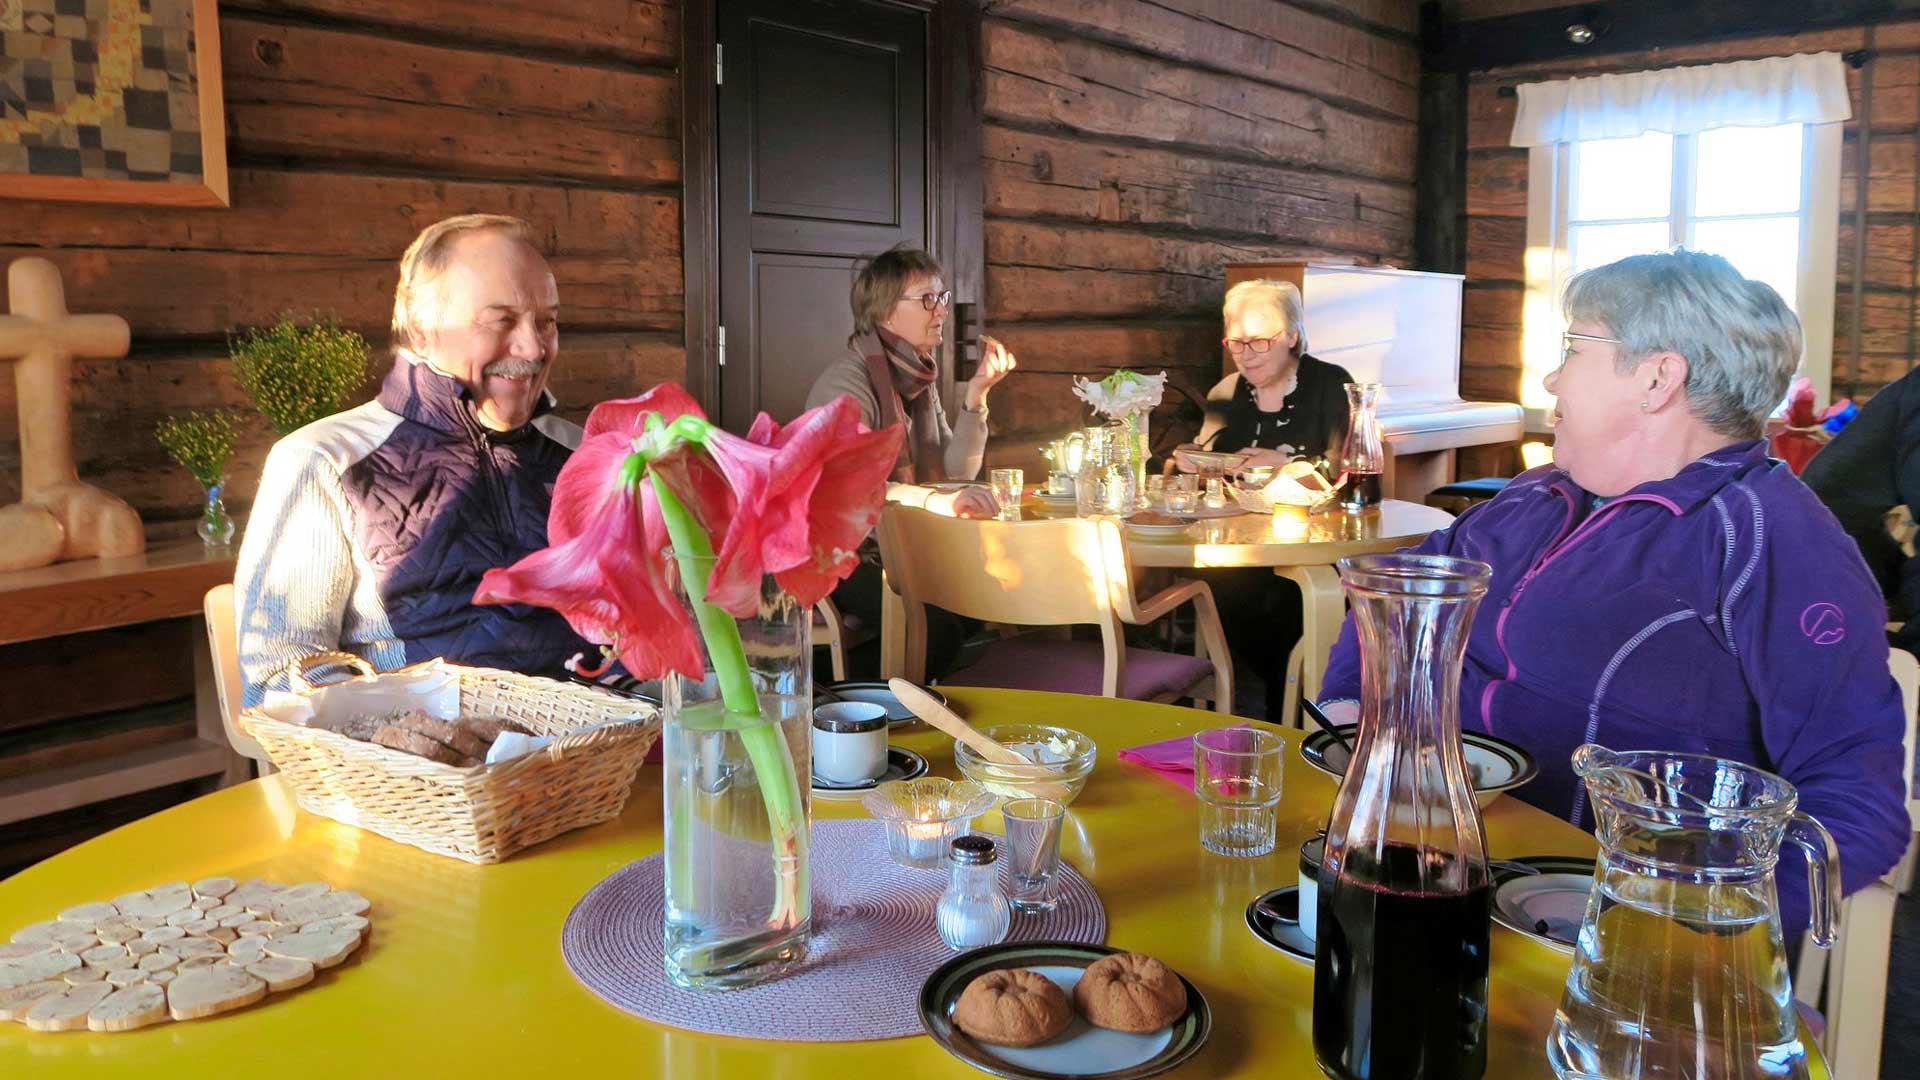 Ennen retkeä on Haikolan talossa tarjolla siskonmakkarasoppaa. Matti Paananen ja Asta Honkanen ovat nauttineet yhteisiä aterioita 20 vuotta.